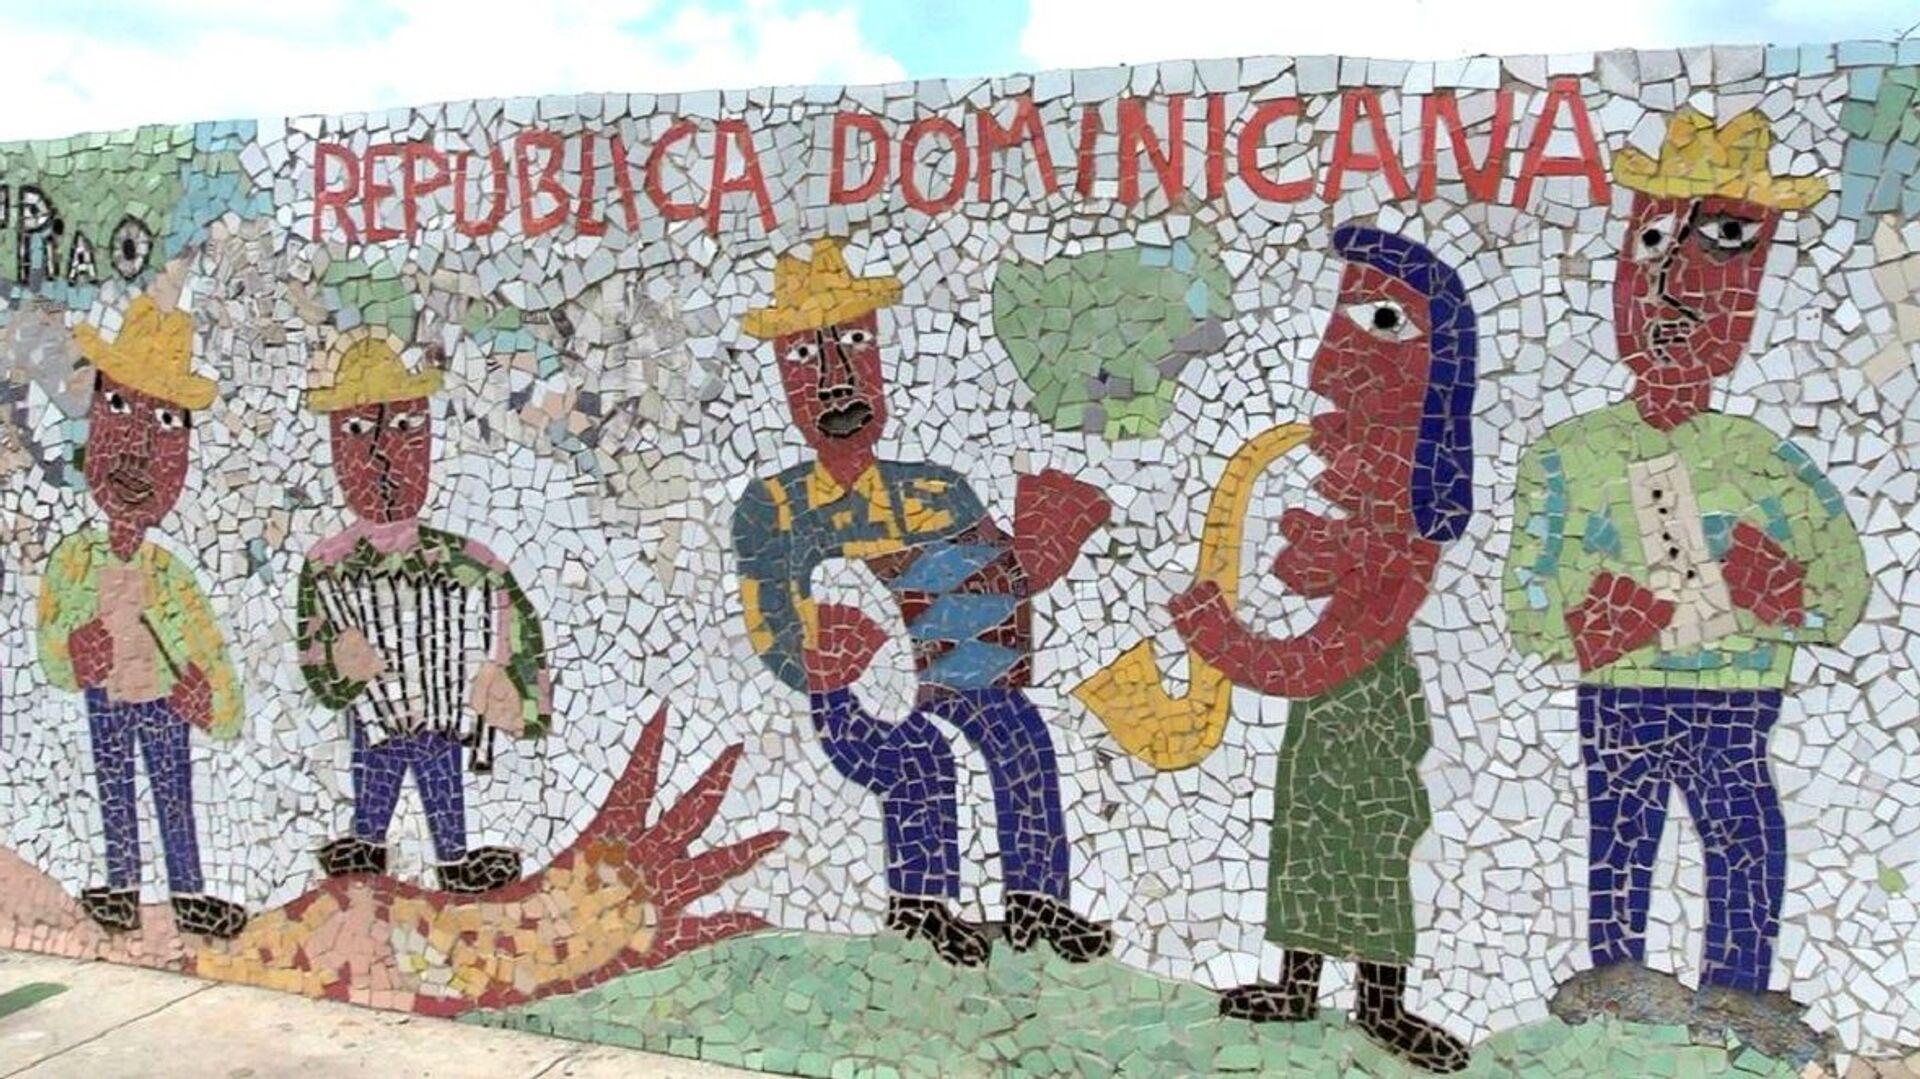 Mural dedicado a República Dominicana - Sputnik Mundo, 1920, 14.06.2021